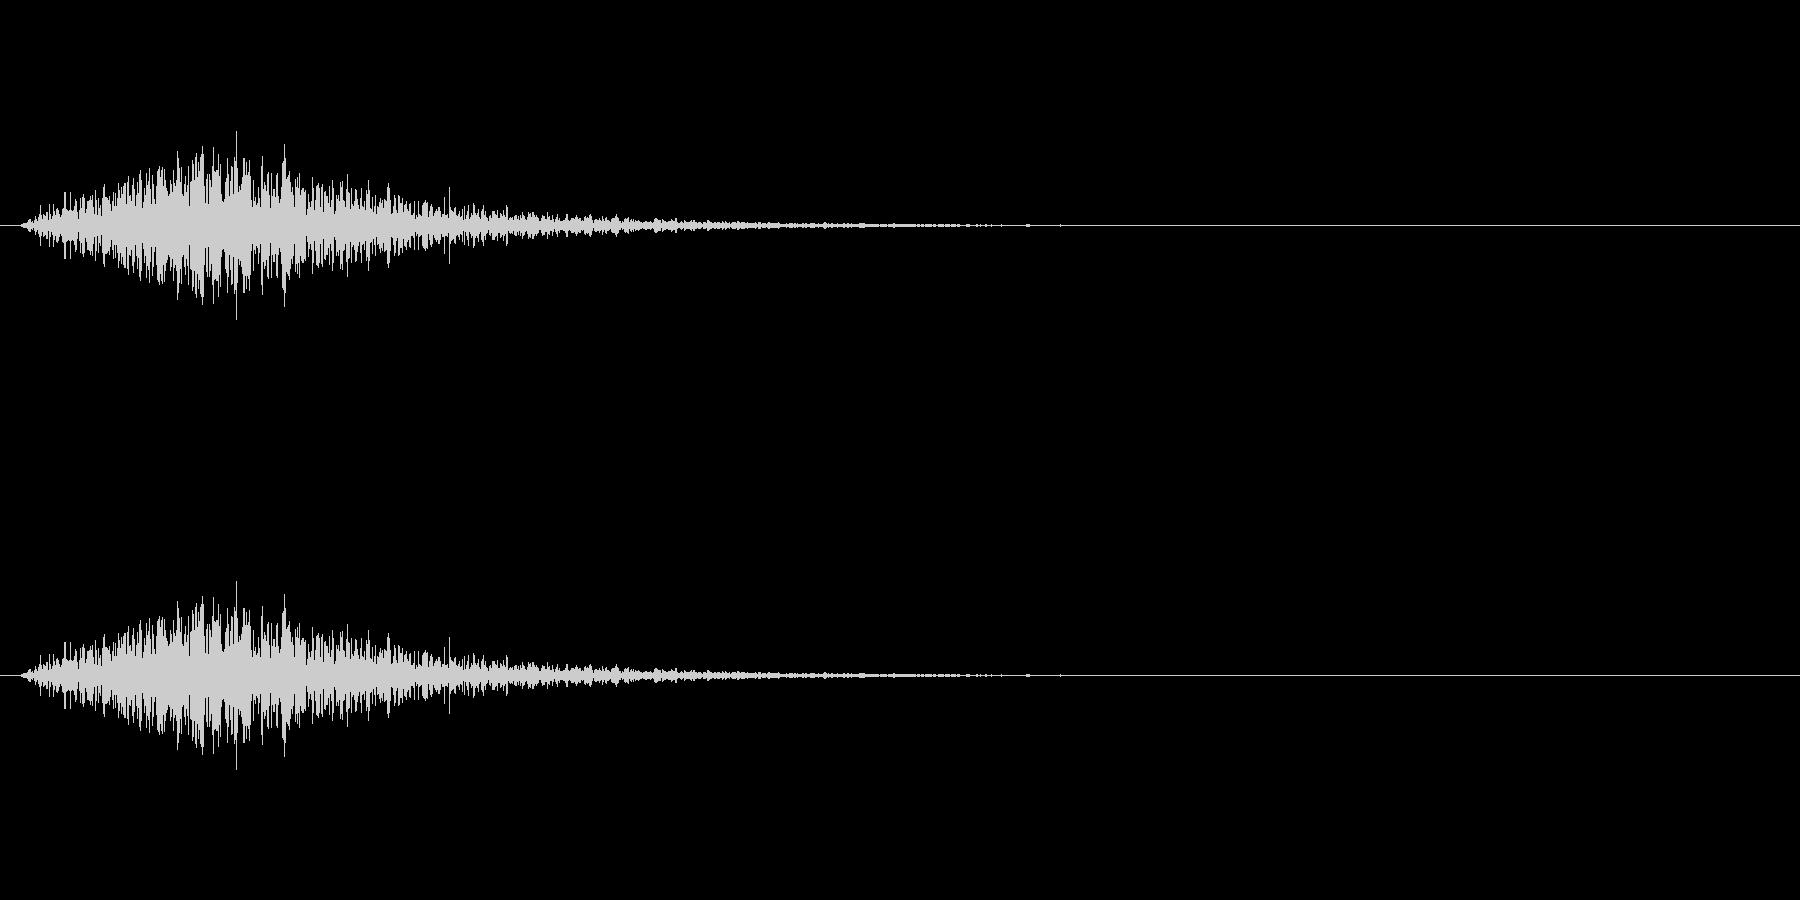 ハリウッド風のタイトル音の未再生の波形